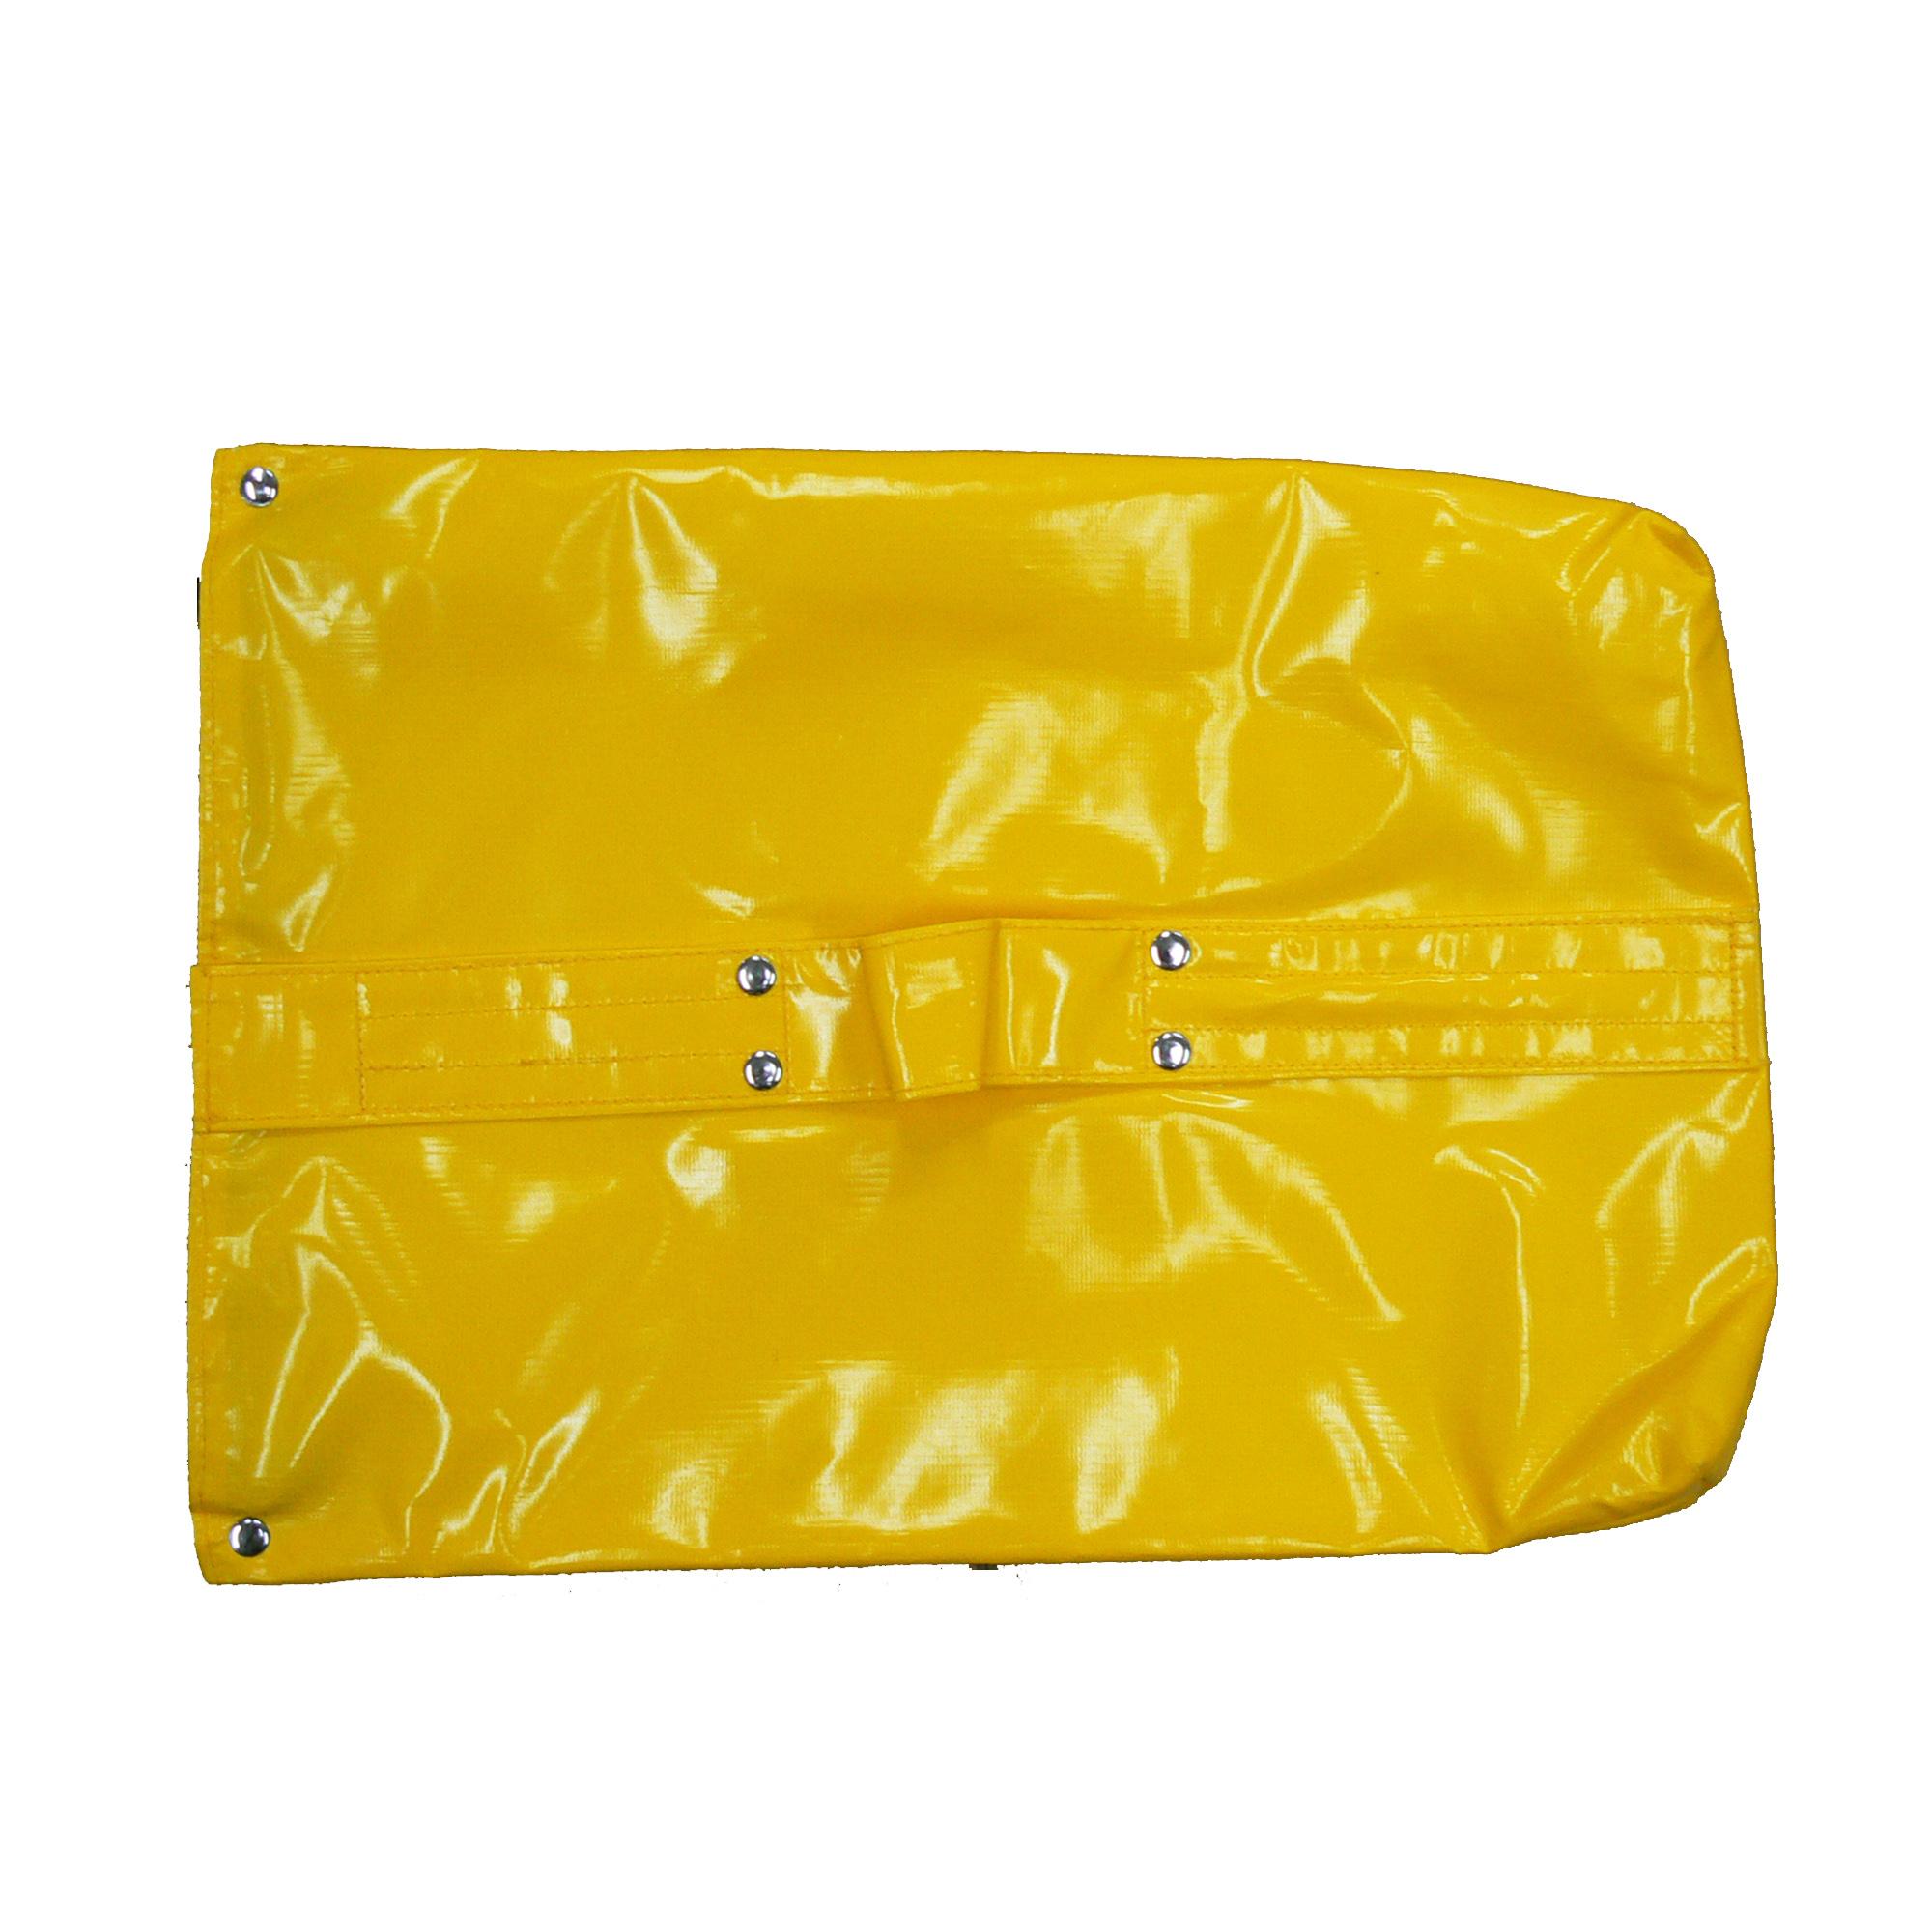 矢印板用重し(黄) 390×305